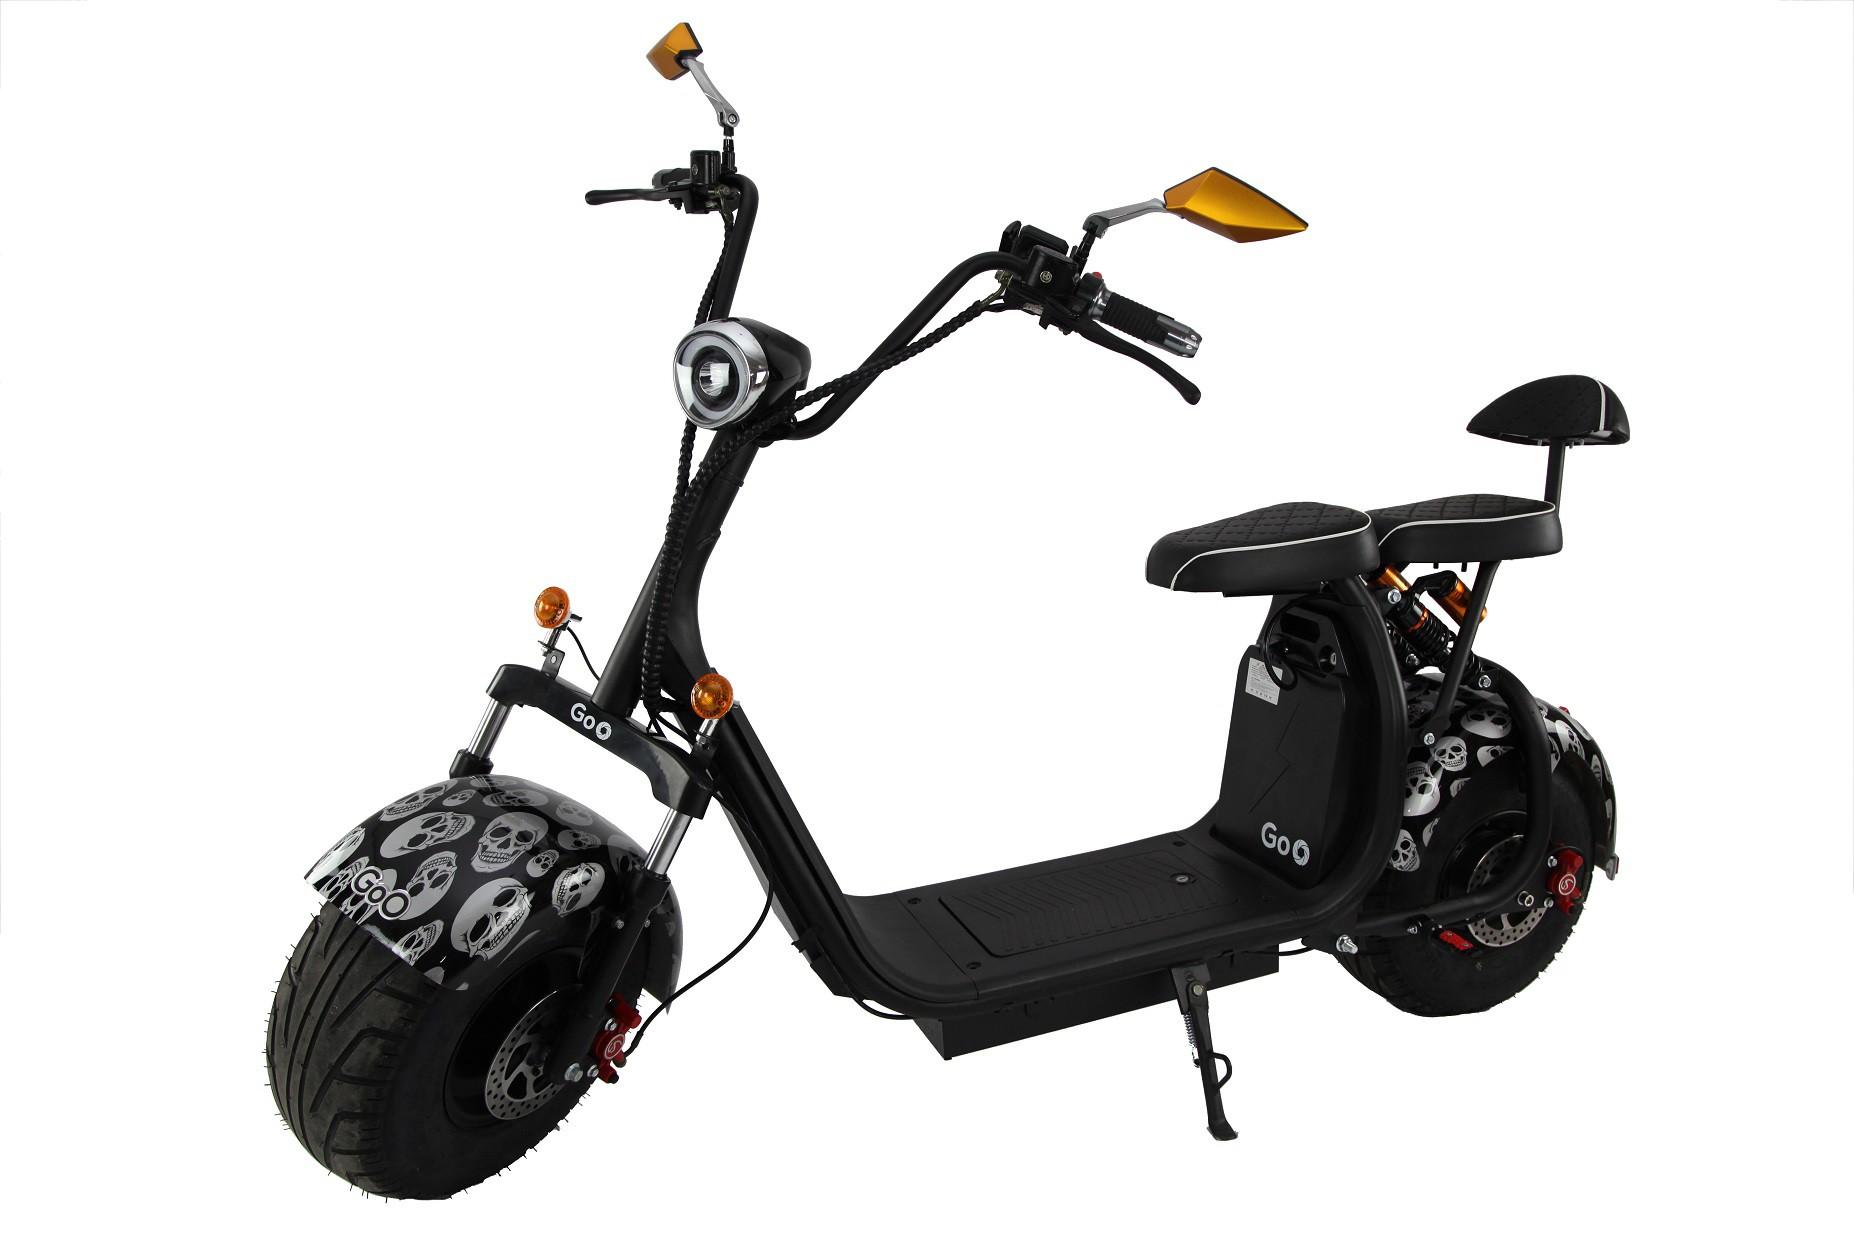 Jogo de Para-lamas caveira com seta scooter elétrica citycoco